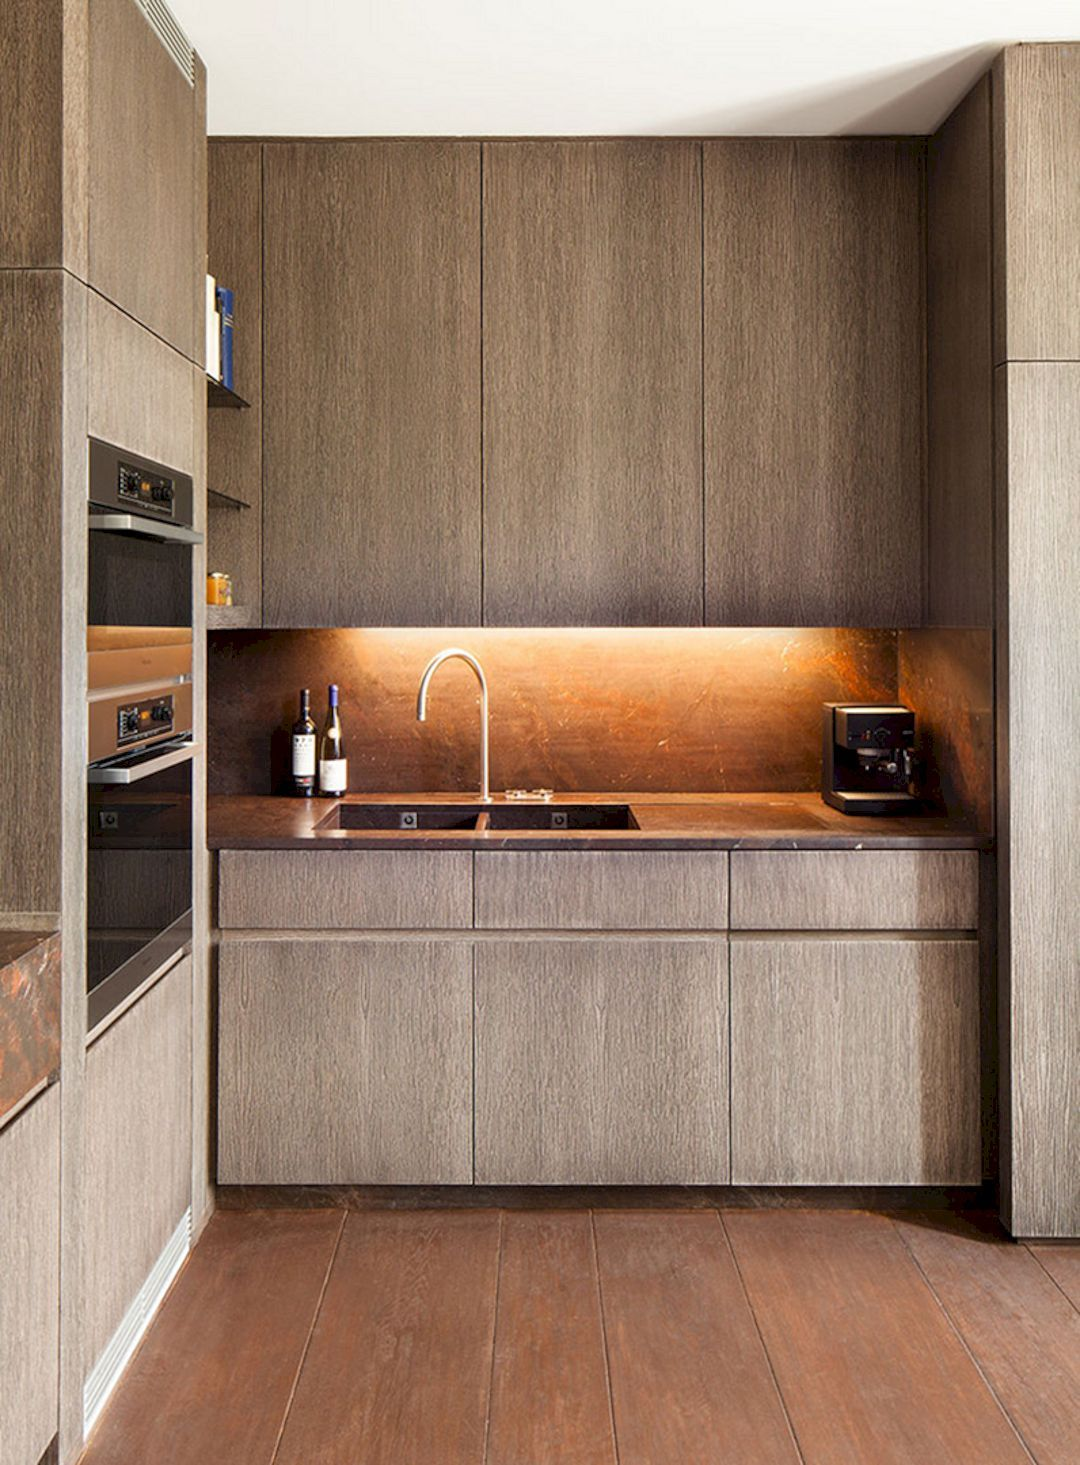 Superbe Stylish Modern Kitchen Cabinet: 127 Design Ideas  Https://www.futuristarchitecture.com/20591 Modern Kitchen Cabinet.html